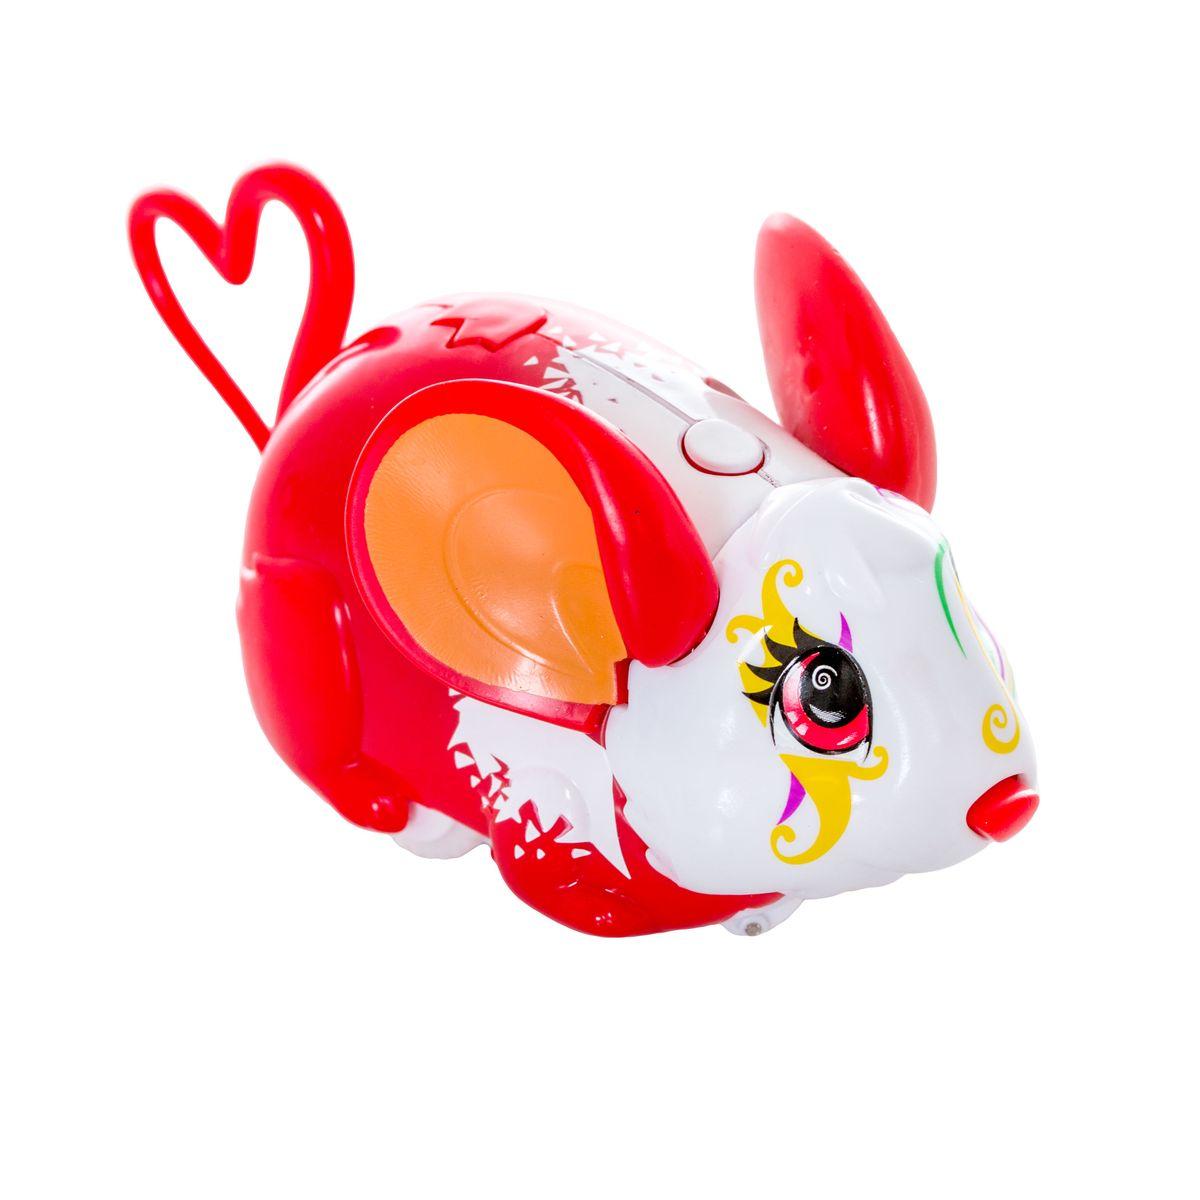 Amazing Zhus Интерактивная игрушка Мышка-циркач Алесса26304Amazing Zhus Мышка-циркач Алесса - это интерактивная игрушка, выполненная в виде цирковой мышки длиной 12 см. Игрушка имеет 3 игровых режима. При нажатии на кнопку на шее мышка начинает издавать забавные звуки каждые несколько секунд. При нажатии на кнопку на спине (режим исследования) мышка начинает изучать пространство, натыкаясь на препятствие, меняет направление и издает забавные звуки. При нажатии на нос - издает забавные звуки, а в режиме исследования нос используется как радар. В ассортименте есть множество цирковых аксессуаров для игры и фокусов. Очаровательная мышка понравится и детям, и взрослым! Для работы игрушки необходимы 2 батарейки типа ААА (товар комплектуется демонстрационными).